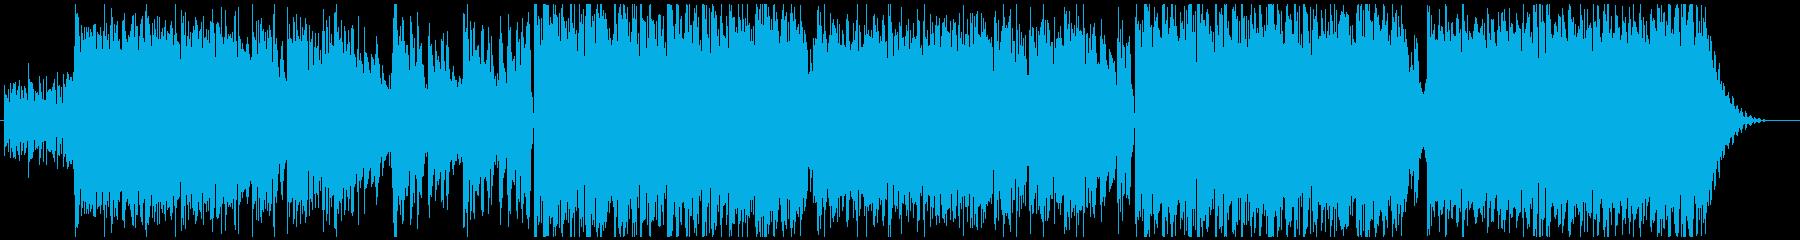 大気のテクスチャと電子ビートの駆動...の再生済みの波形